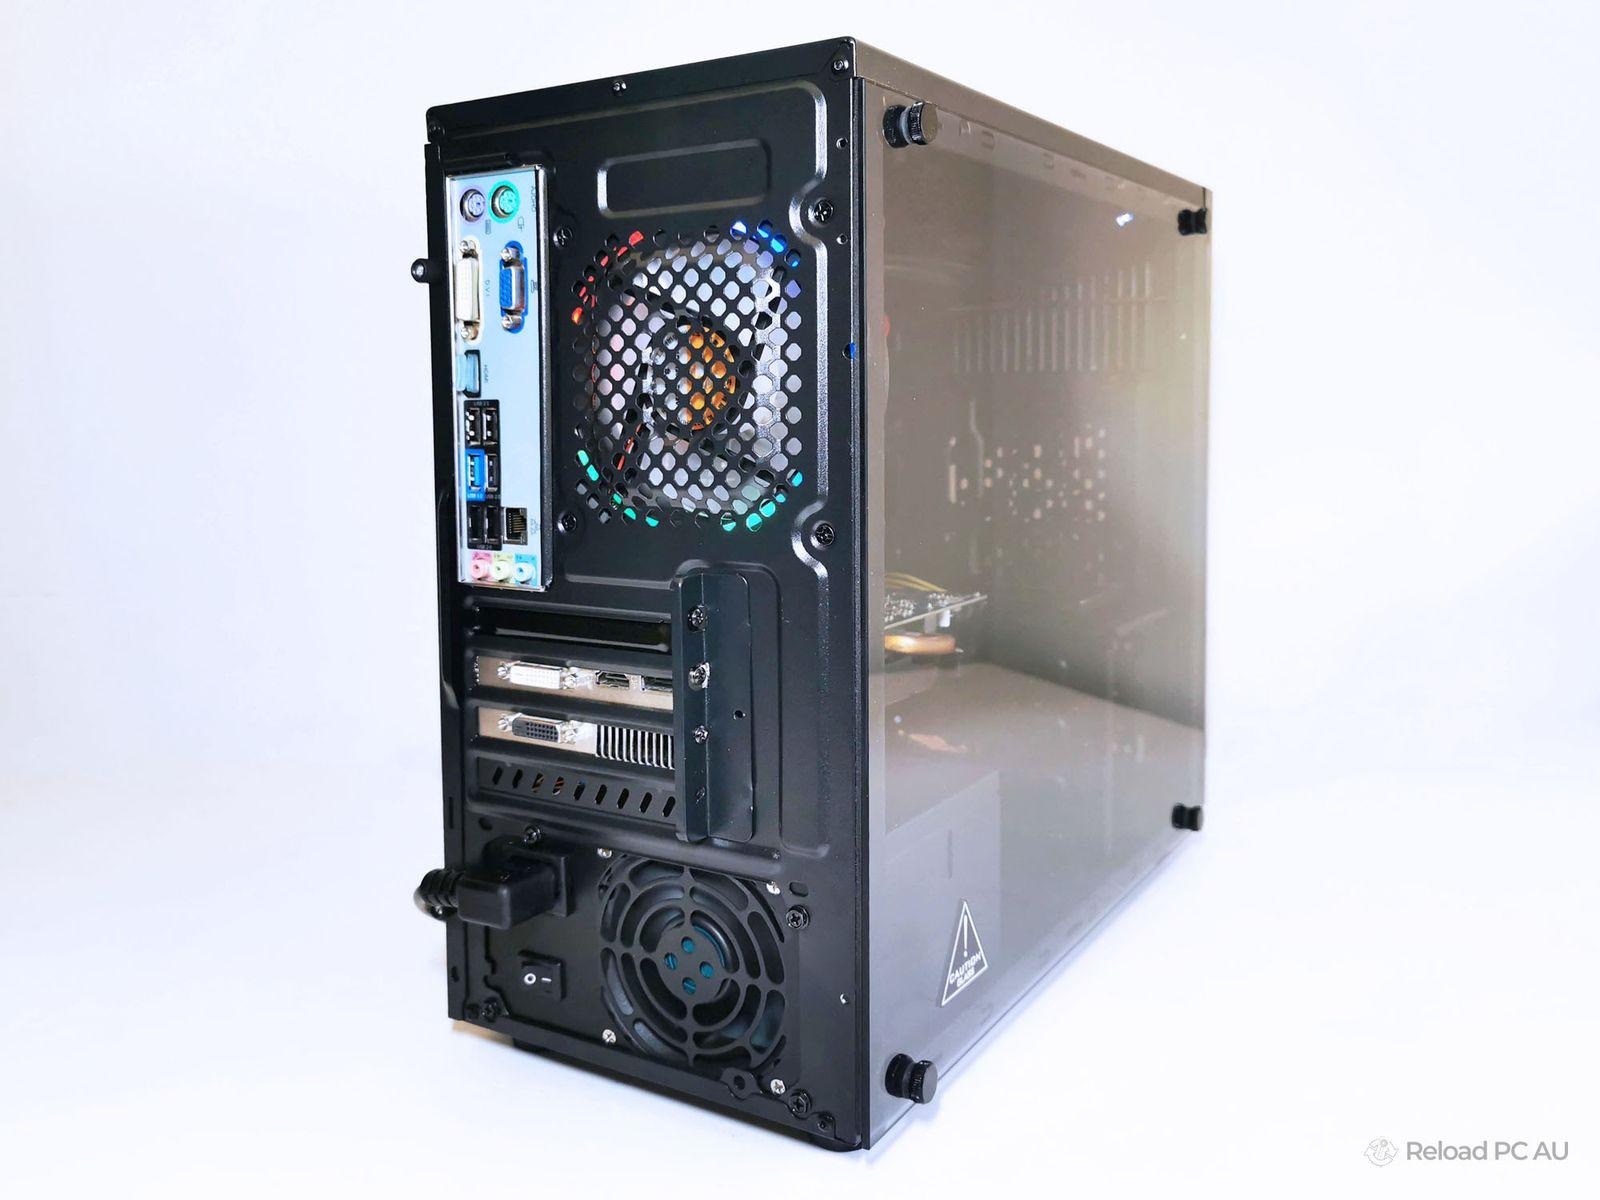 AEAKPHX67850DC